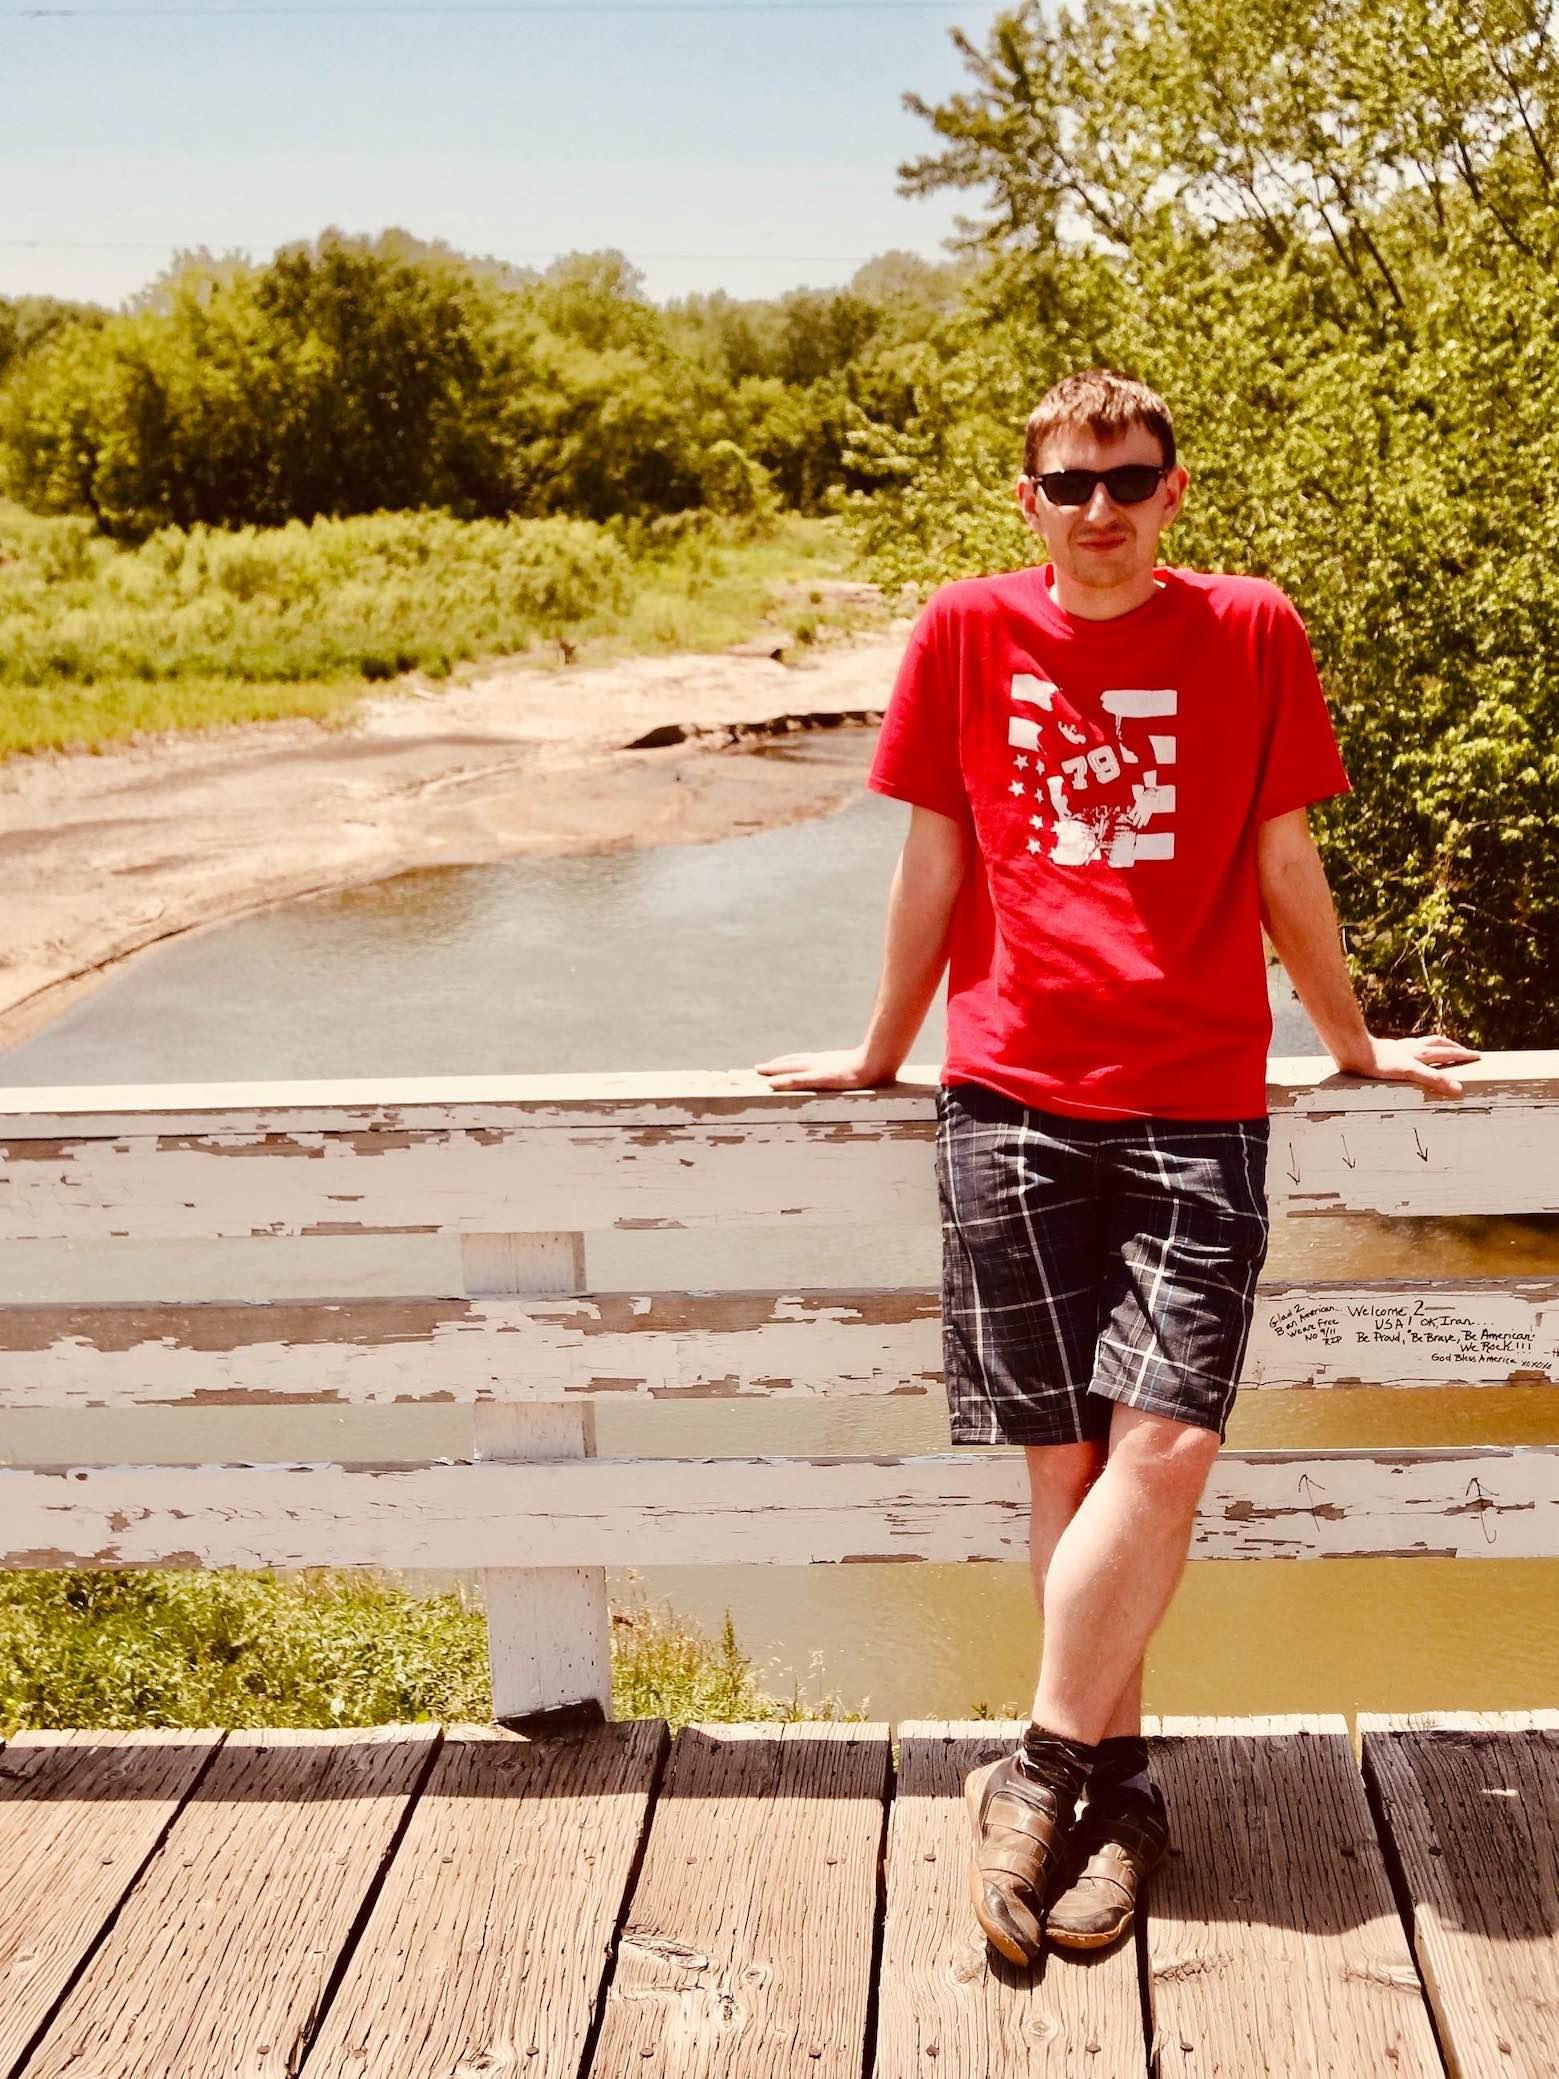 Visiting Roseman Bridge in Iowa.